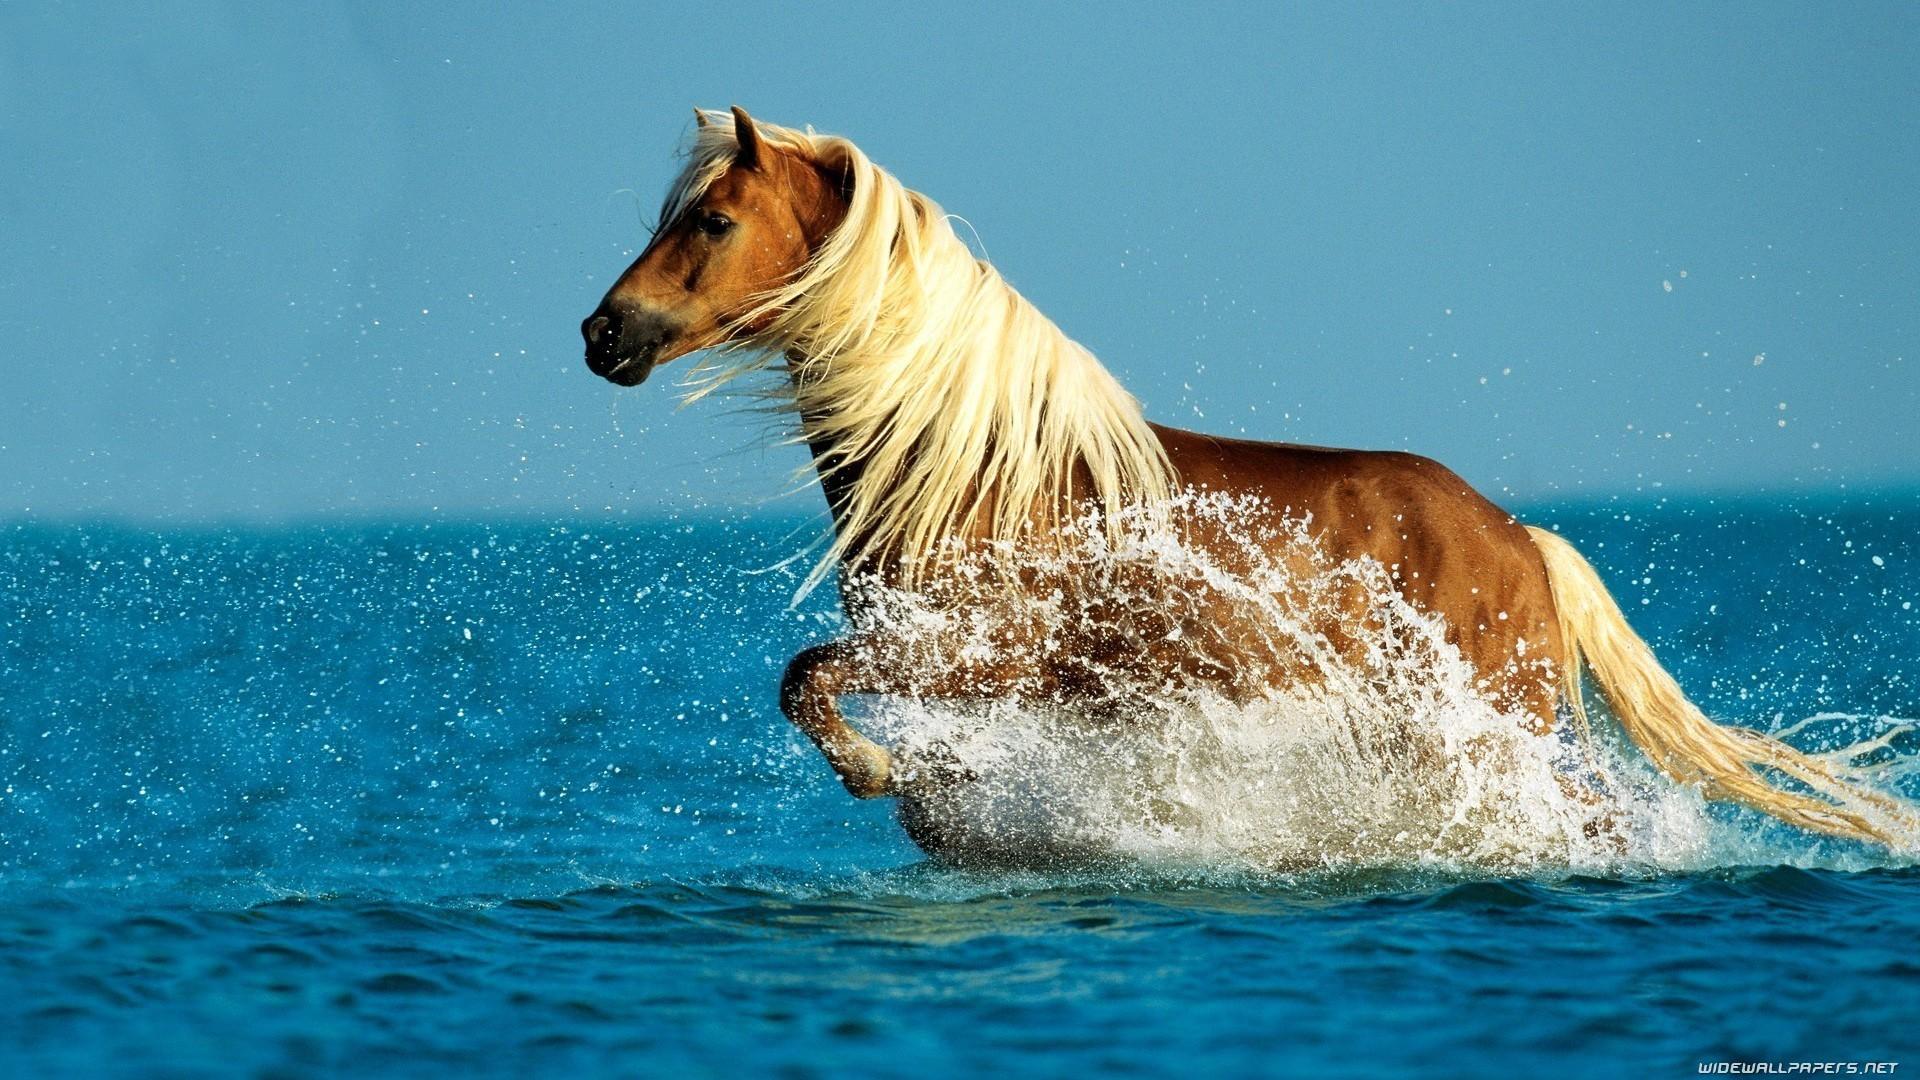 Res: 1920x1080, Horse In Ocean